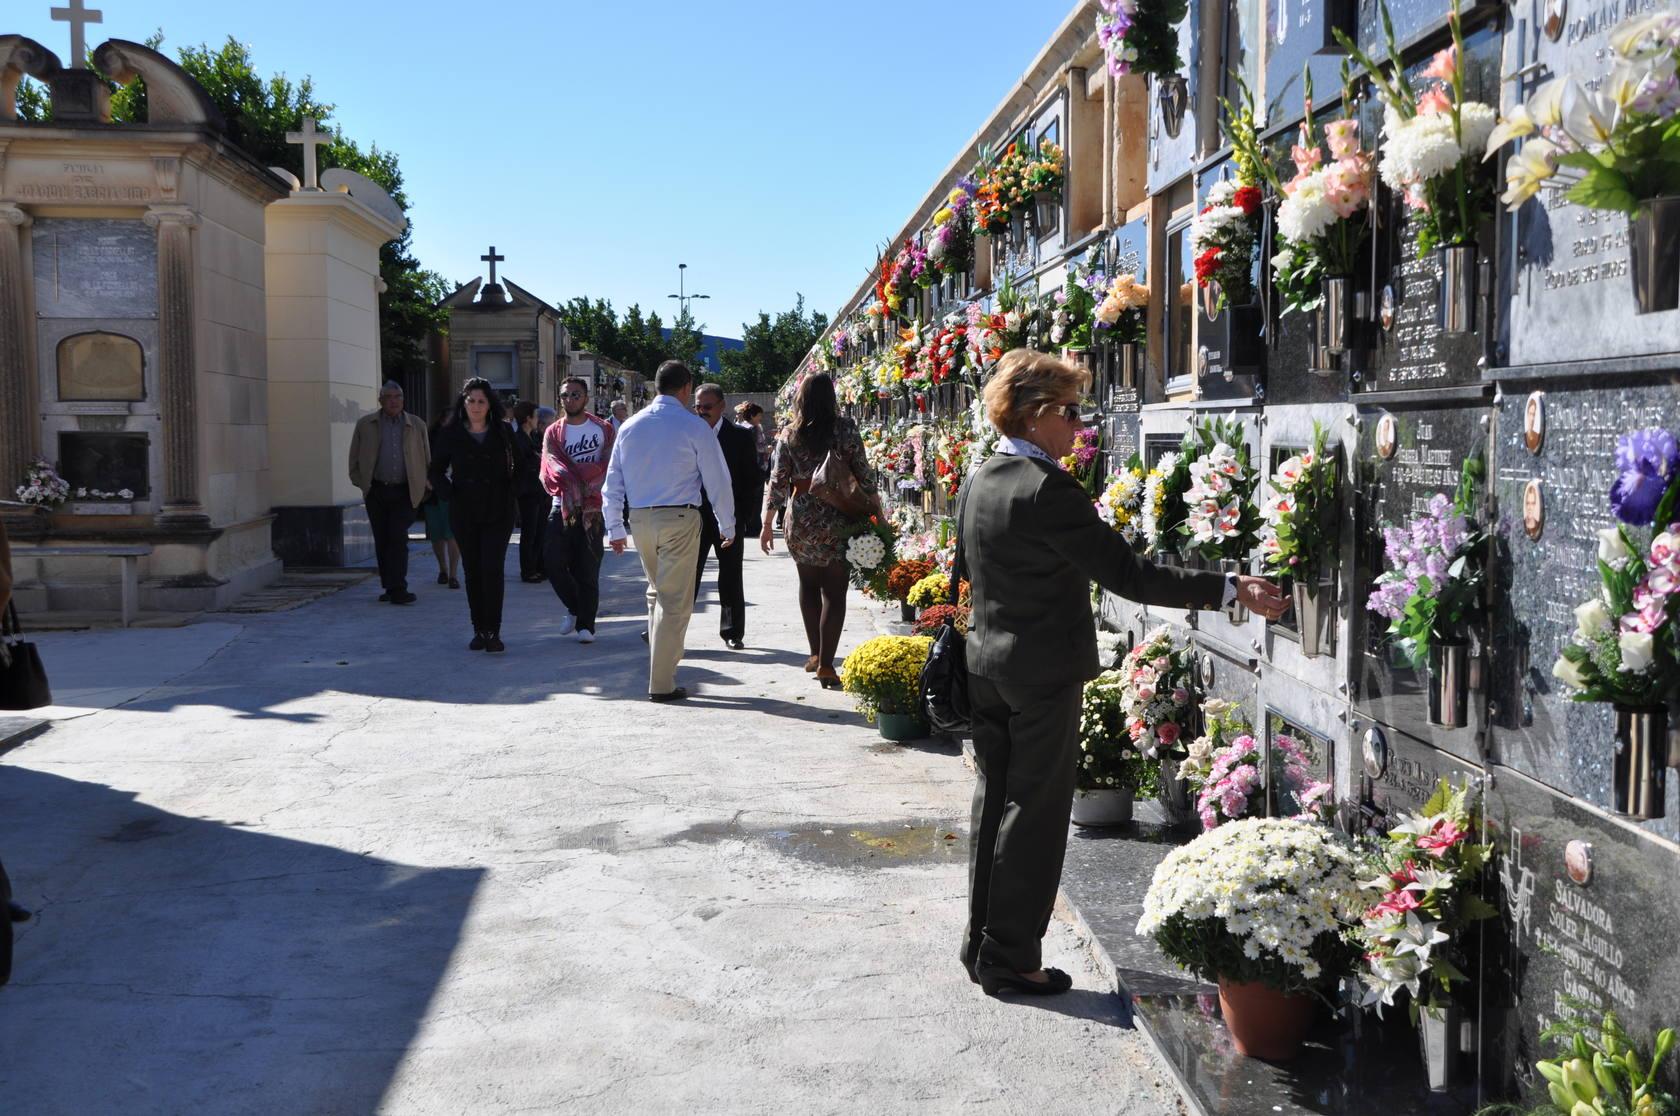 Recuerdo a los difuntos por el 1 de noviembre en el cementerio de Elche